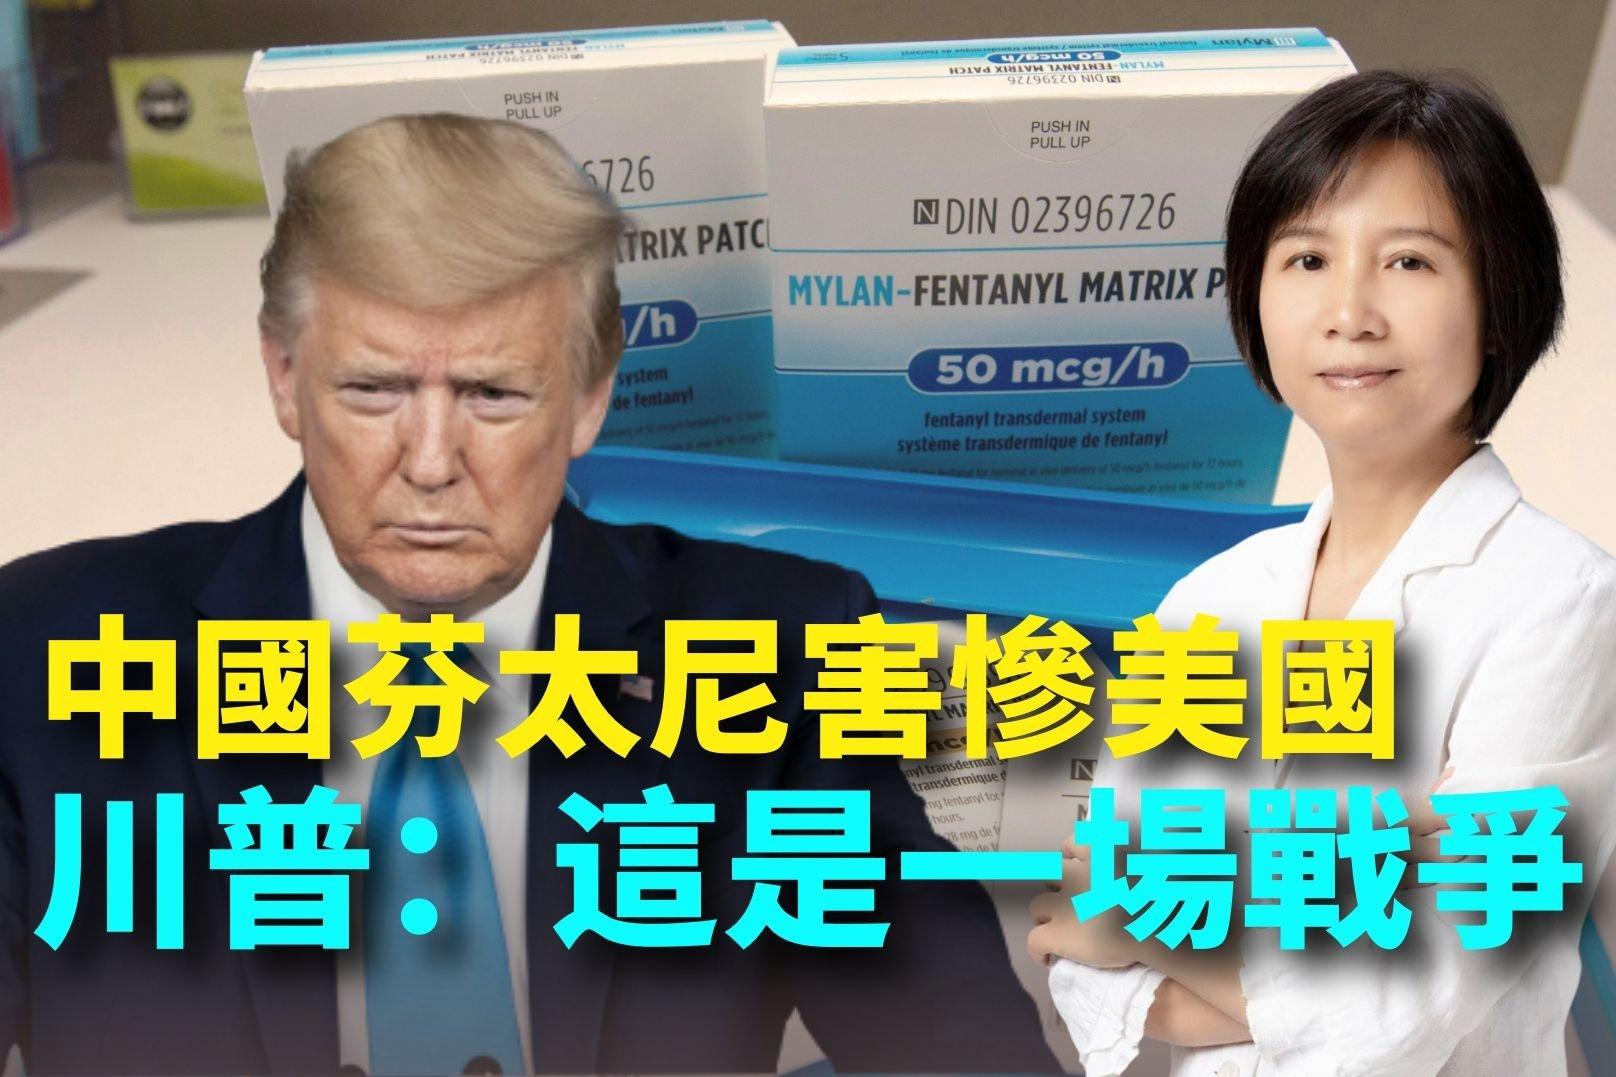 中國藥企高管走私500公斤芬太尼類毒品進美國,新州認罪。布魯金斯學會發表《芬太尼和地緣政治:控制來自中國的毒品》,揭芬太尼「家底」。(Getty Images/大紀元合成圖)